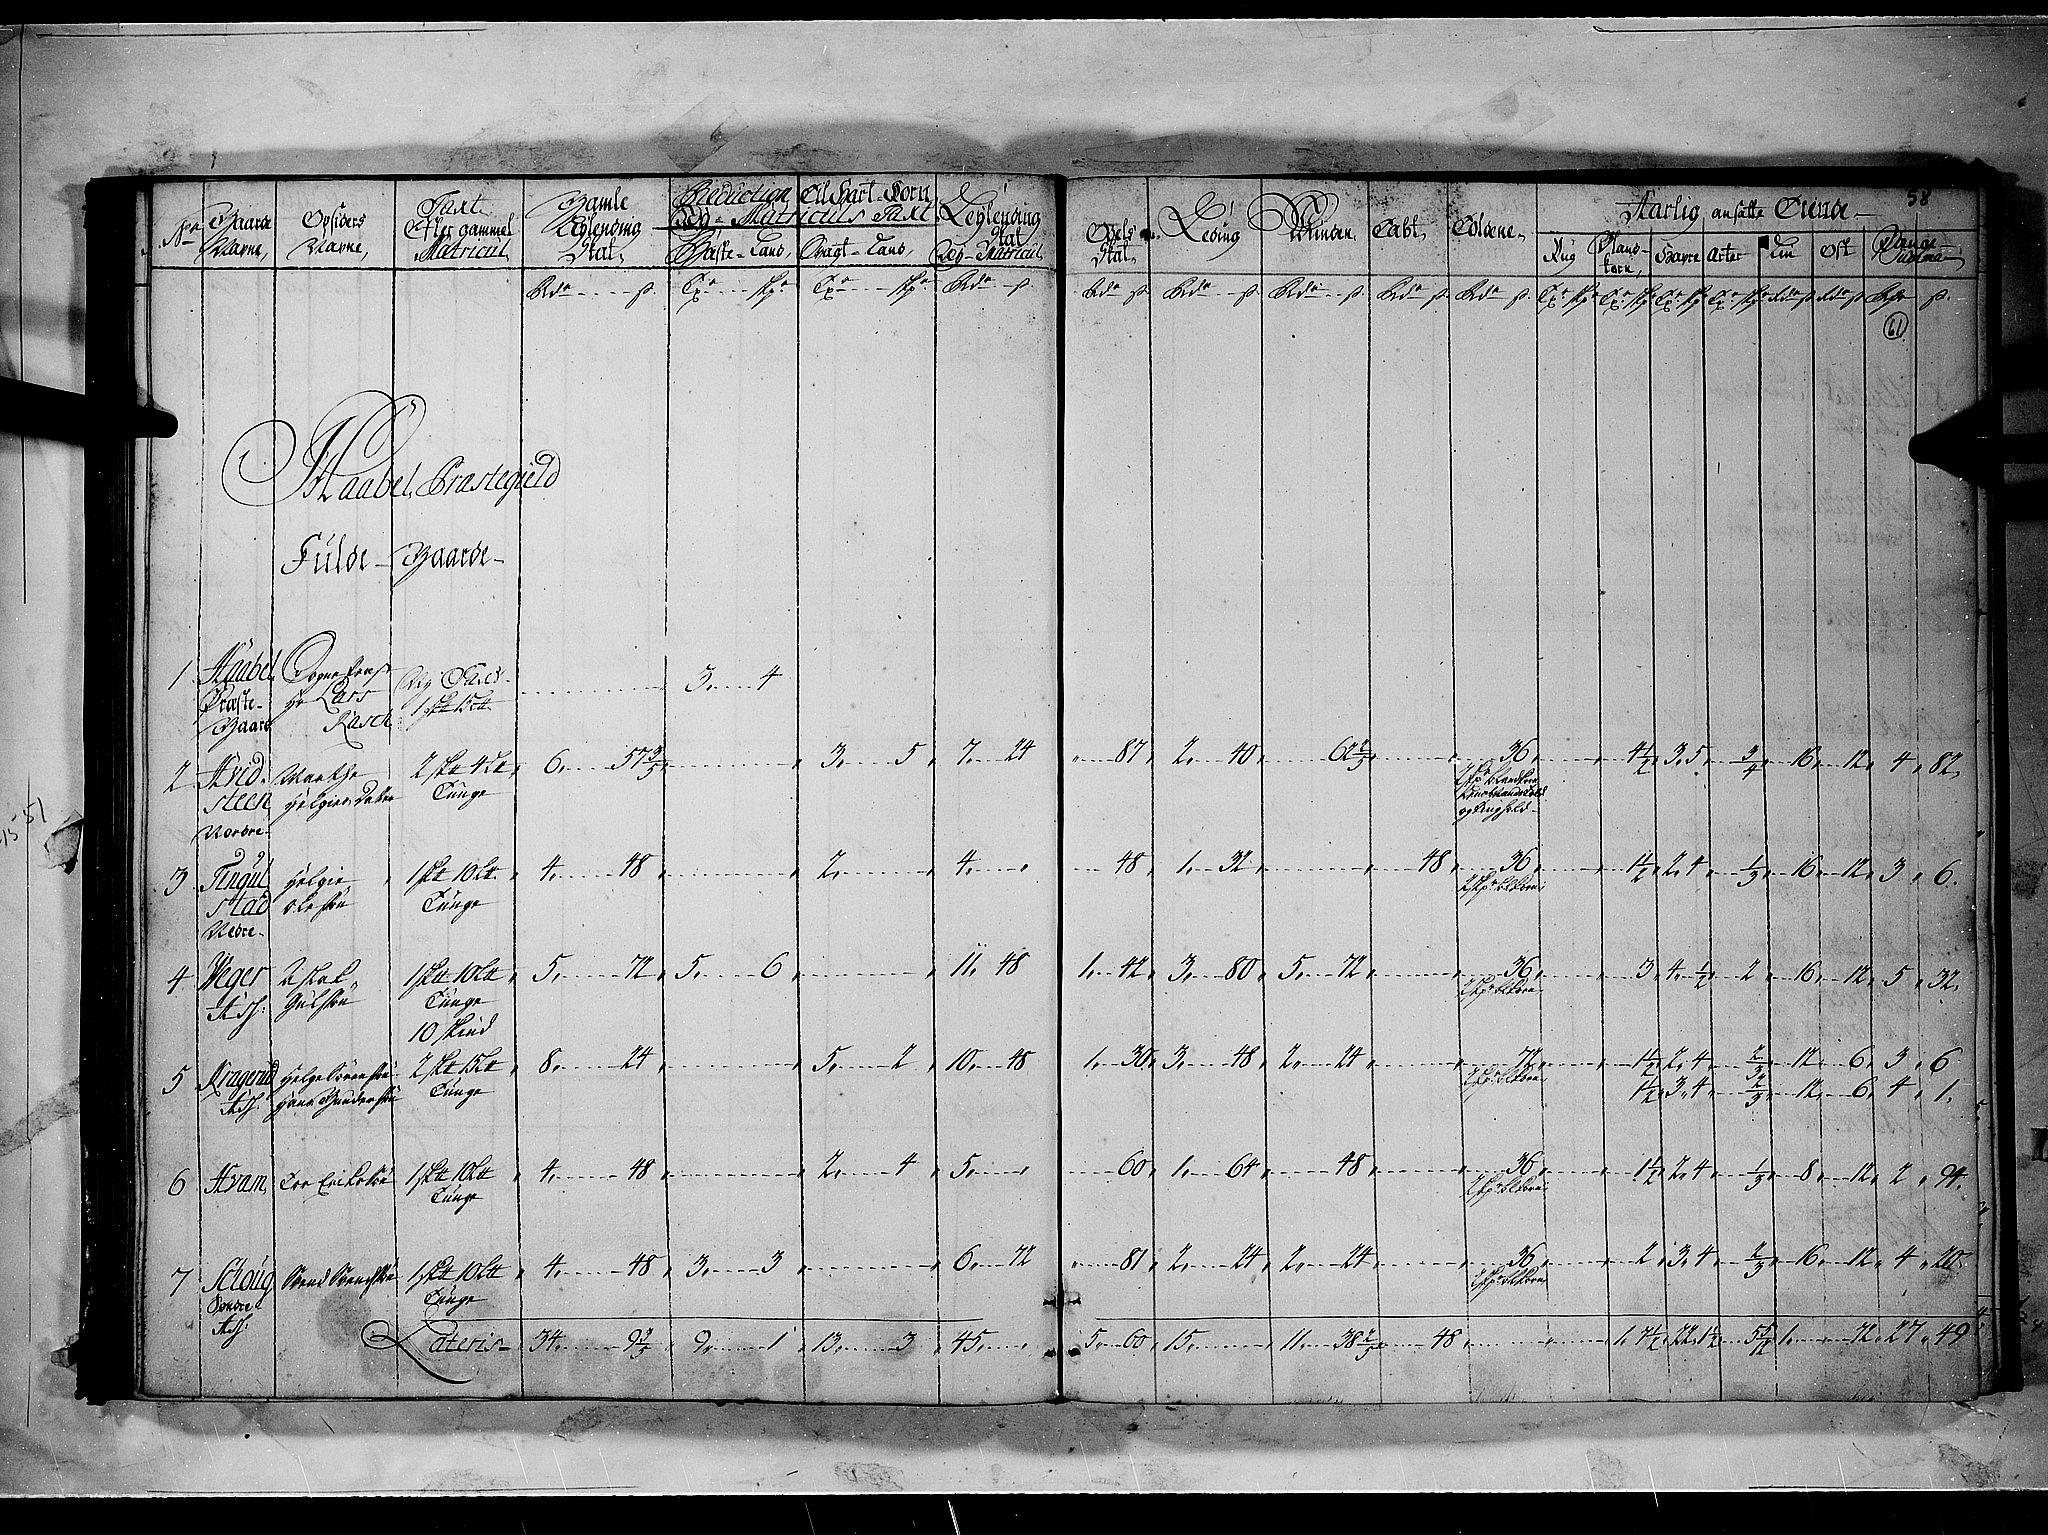 RA, Rentekammeret inntil 1814, Realistisk ordnet avdeling, N/Nb/Nbf/L0096: Moss, Onsøy, Tune og Veme matrikkelprotokoll, 1723, s. 57b-58a